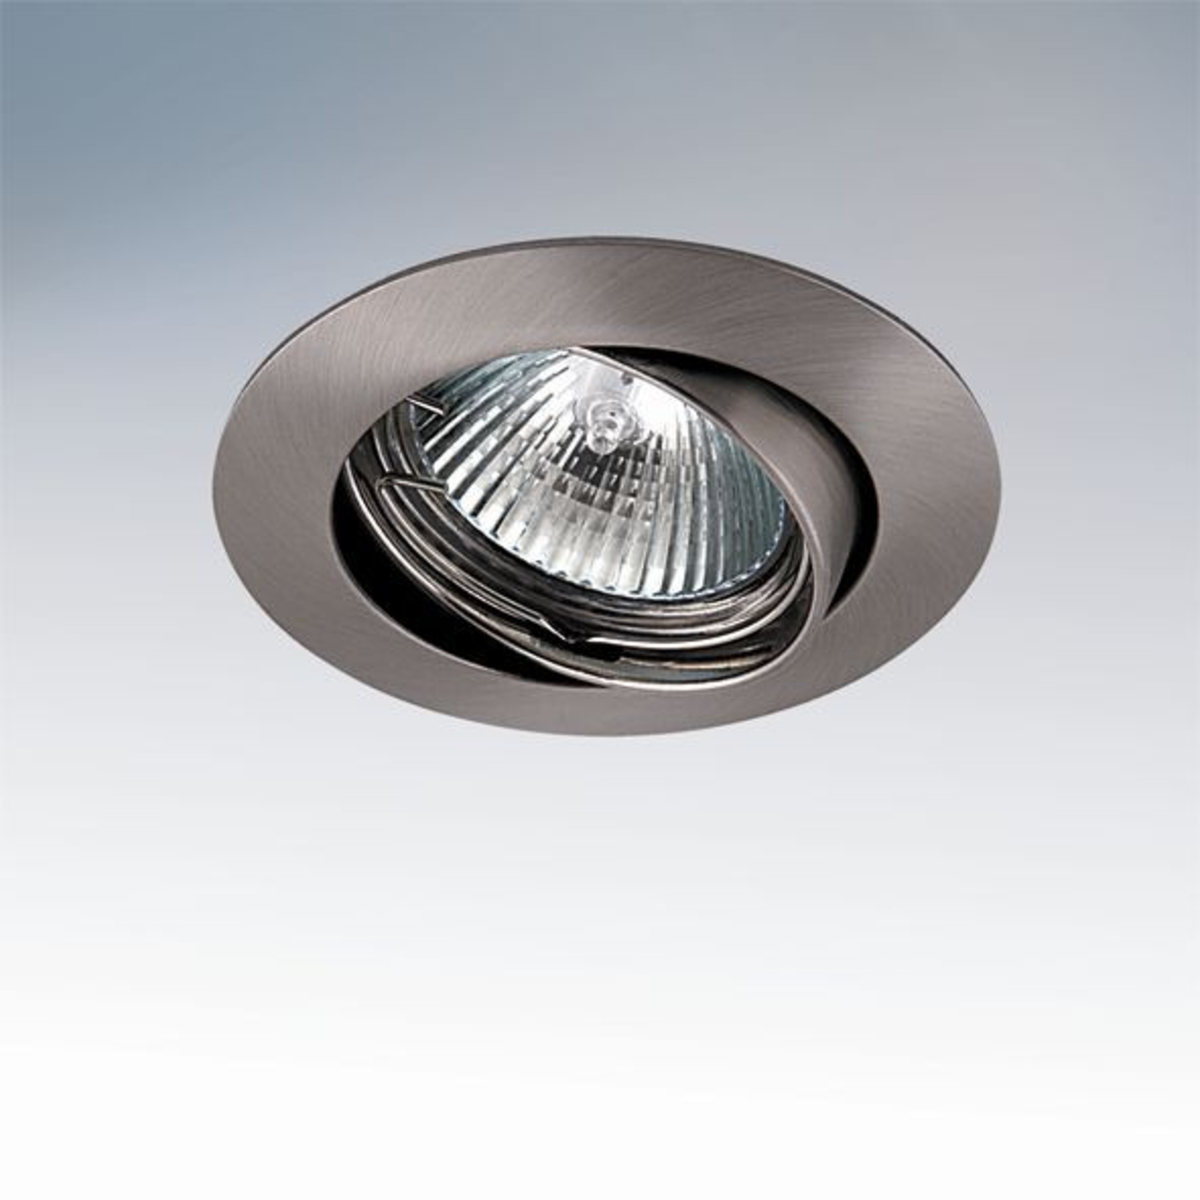 Купить Встраиваемый светильник LEGA HI ADJ 011025, HomeMe